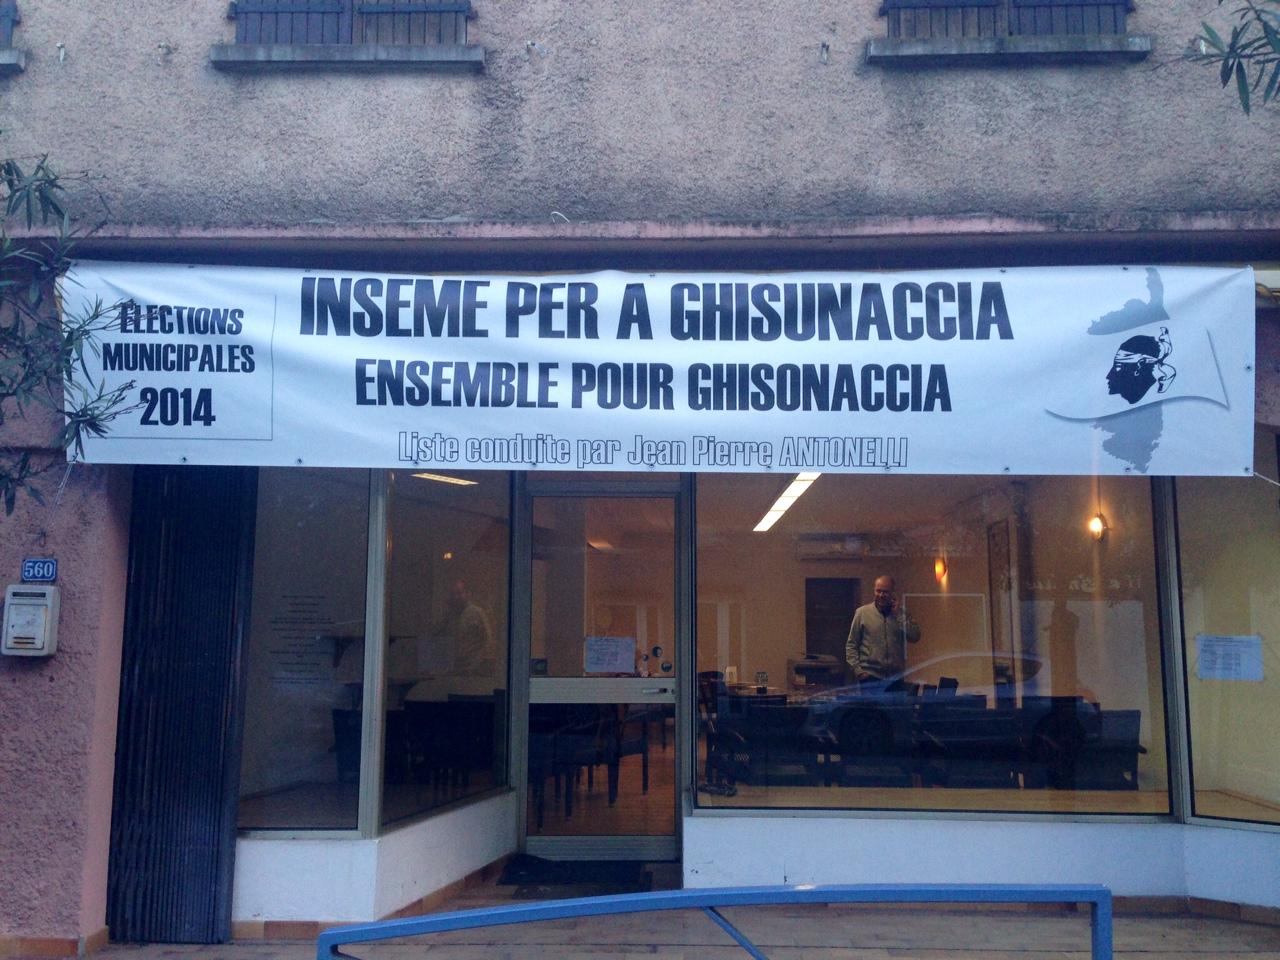 La permanence  Inseme per a Ghisunaccia est ouverte tous les jours à partir de 16 heures. (Photo Stéphane Gamant).